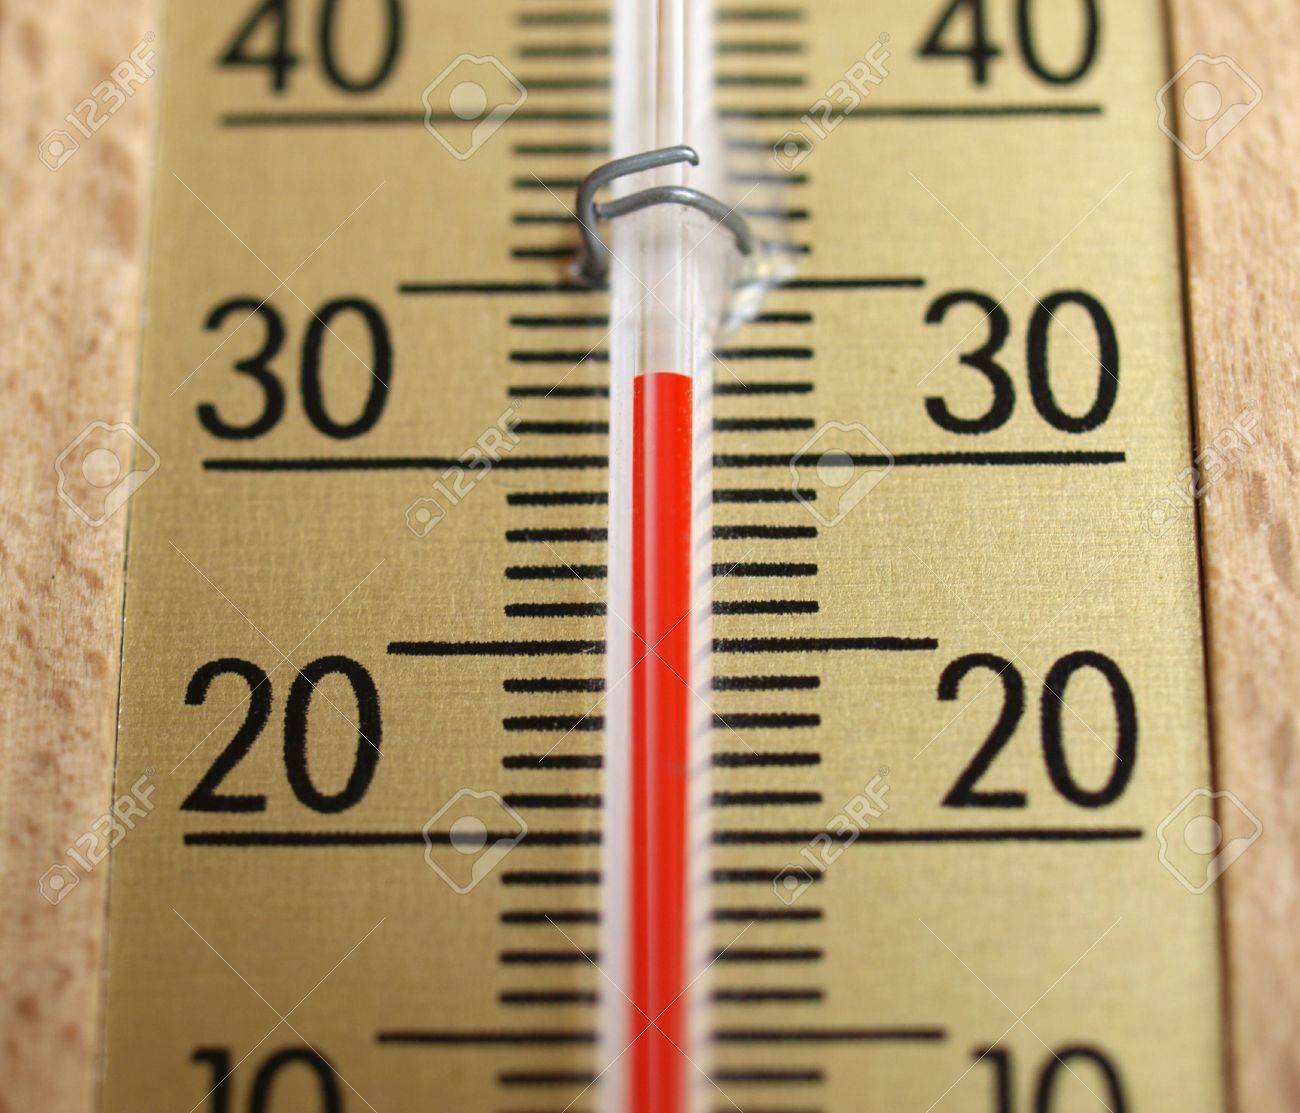 measuring temperature Gallery